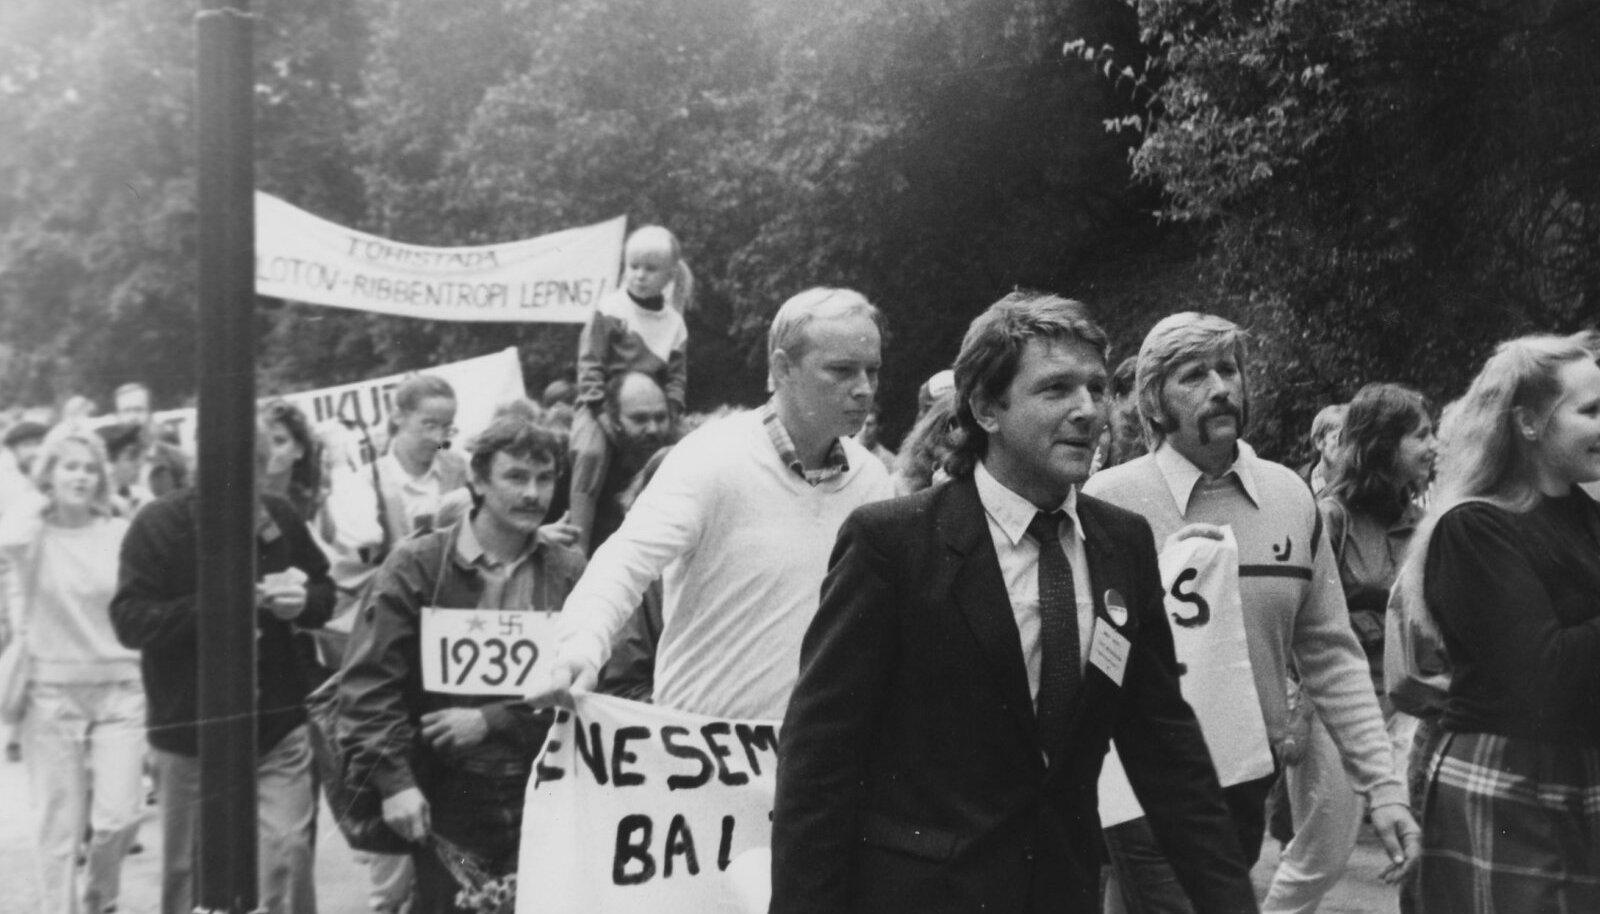 On 1987. aasta august. Tiit Madisson (esiplaanil vasakul) suundub koos rahvaga miitingule Hirveparki.